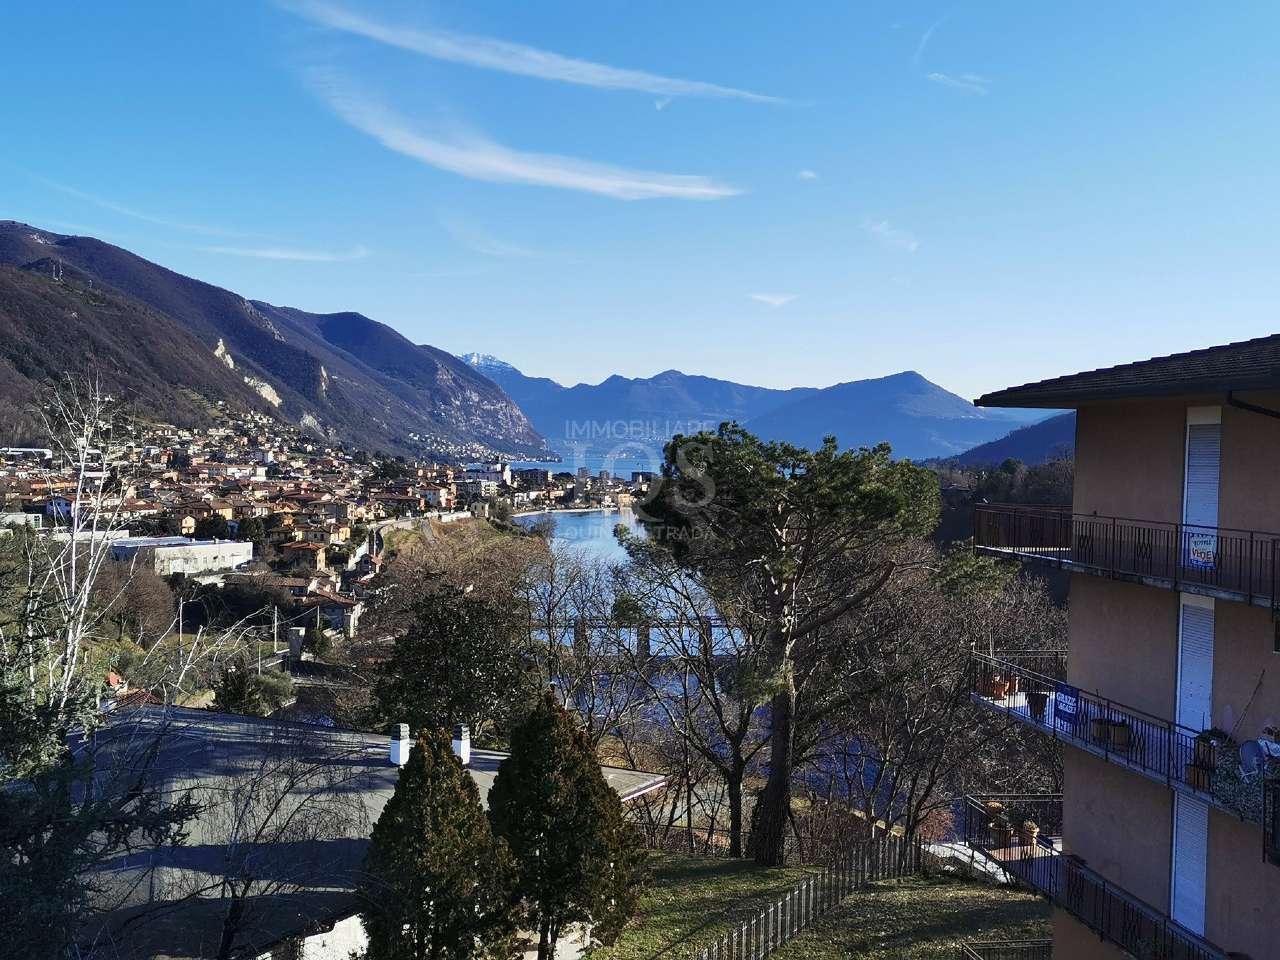 Appartamento in vendita a Villongo, 3 locali, prezzo € 99.000 | PortaleAgenzieImmobiliari.it